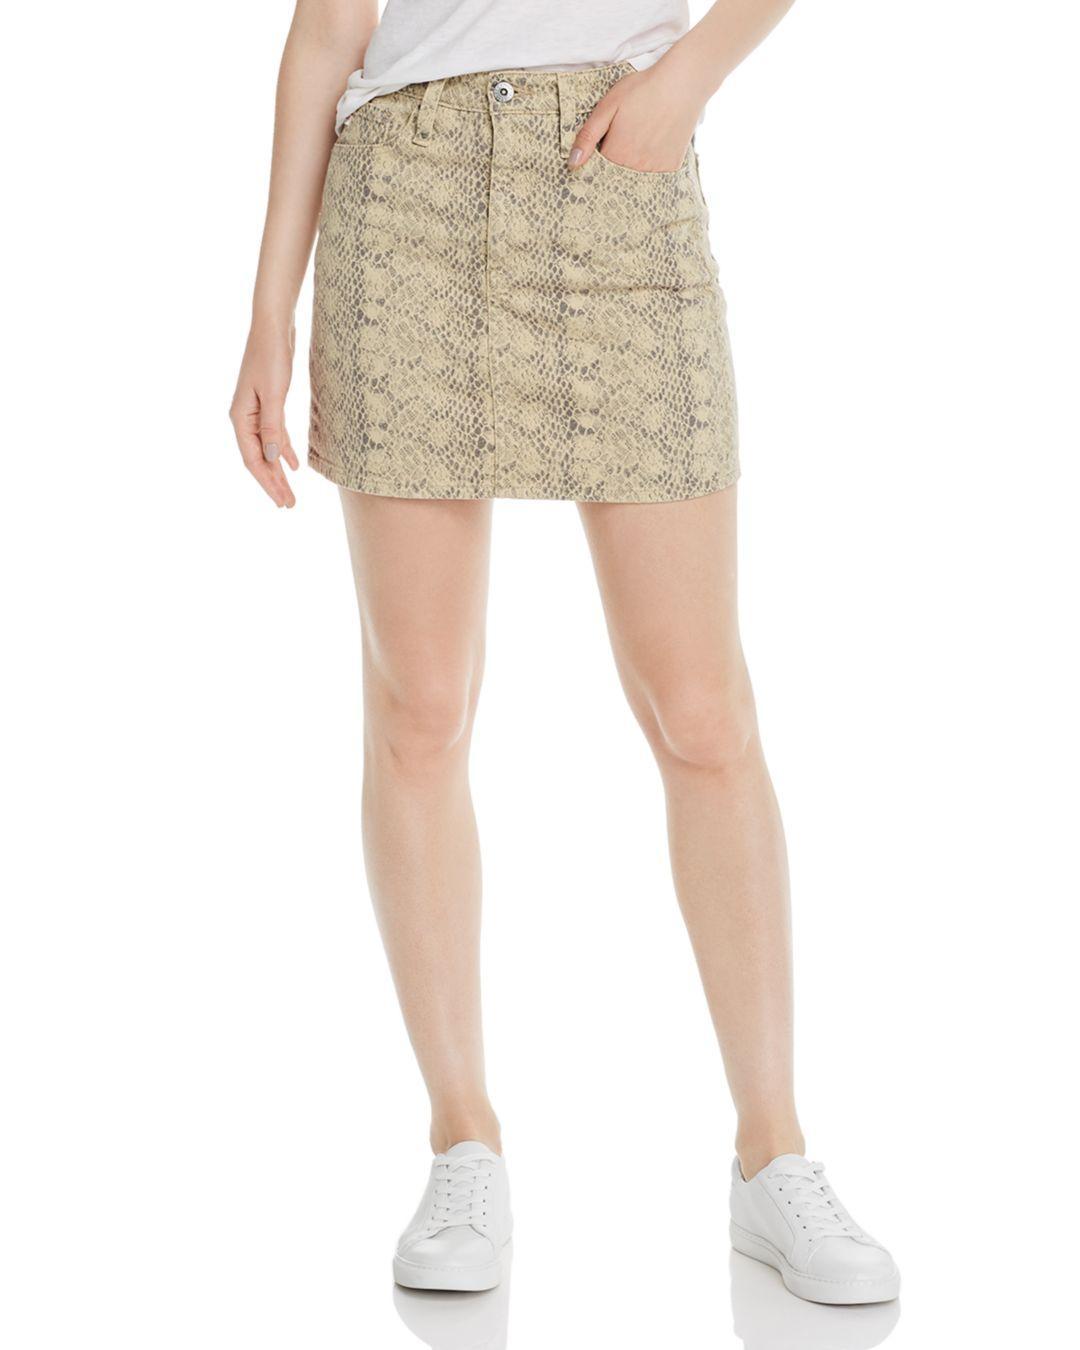 0d0882cb48 AG Jeans Vera Snake Print Denim Miniskirt in Natural - Lyst